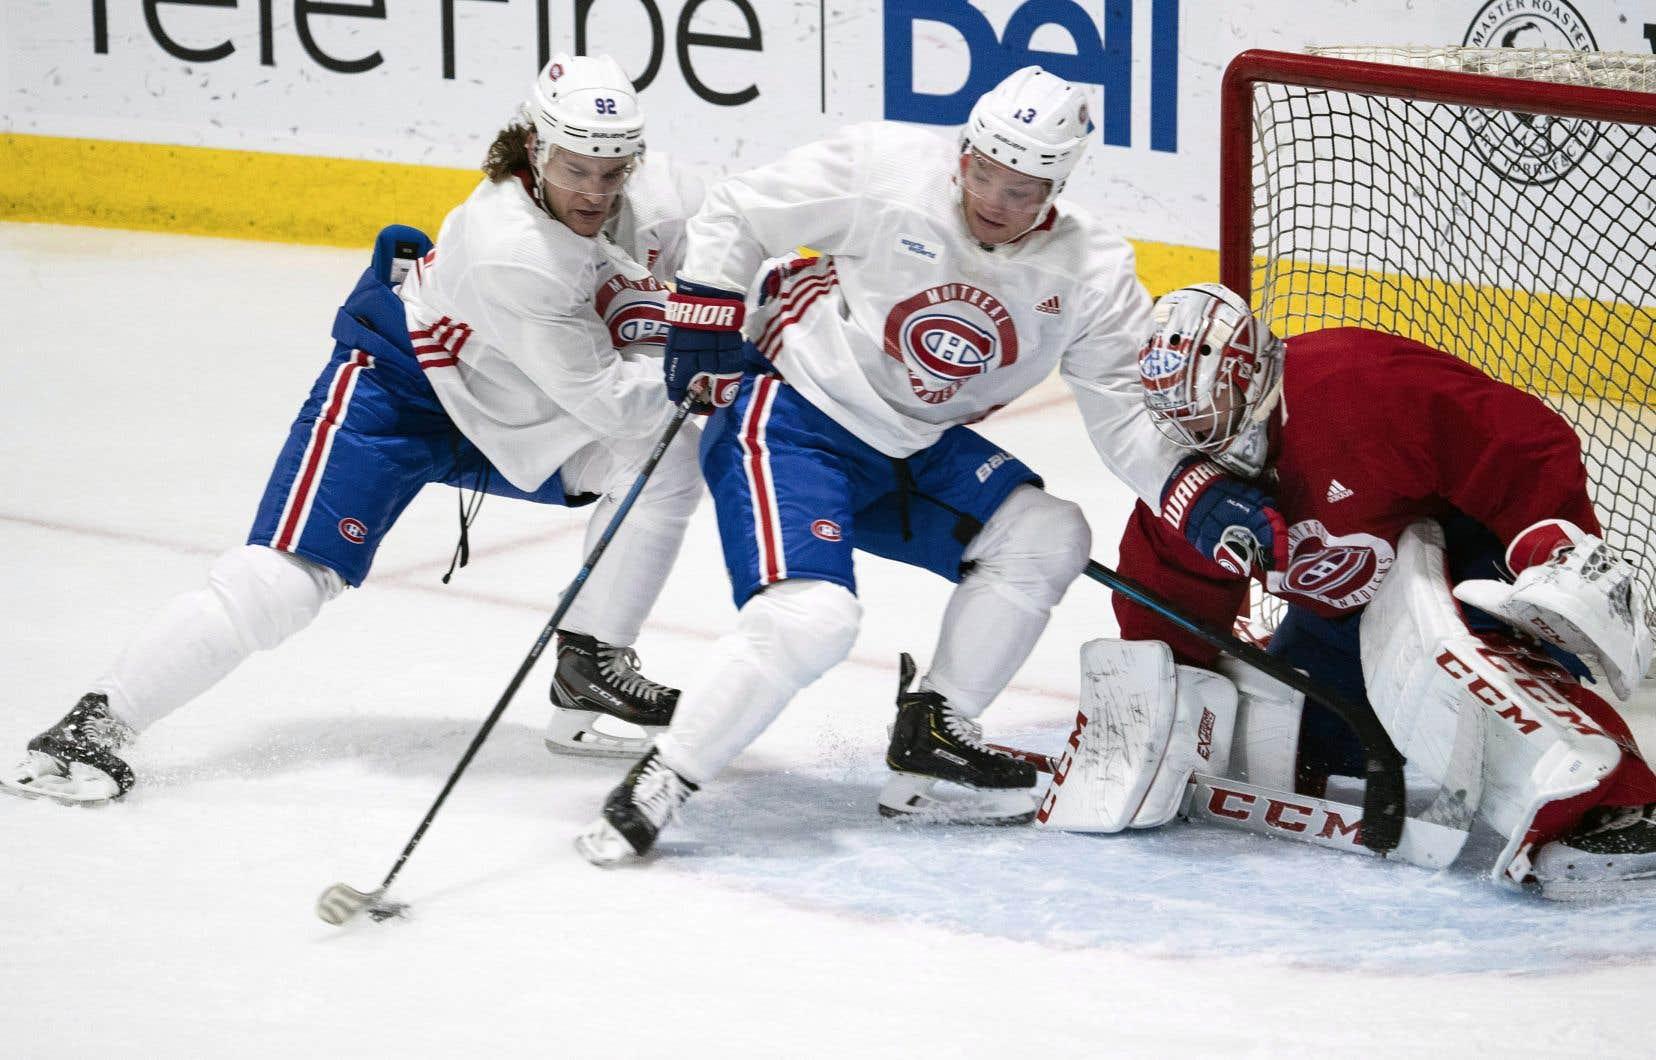 Vendredi après-midi s'ouvrait le camp d'entraînement du Canadien de Montréal, à Brossard. L'entraîneur-chef, Claude Julien, s'est amusé à tester différentes combinaisons à l'attaque, plaçant notamment Max Domi au centre, flanqué de Joel Armia et Jonathan Drouin.